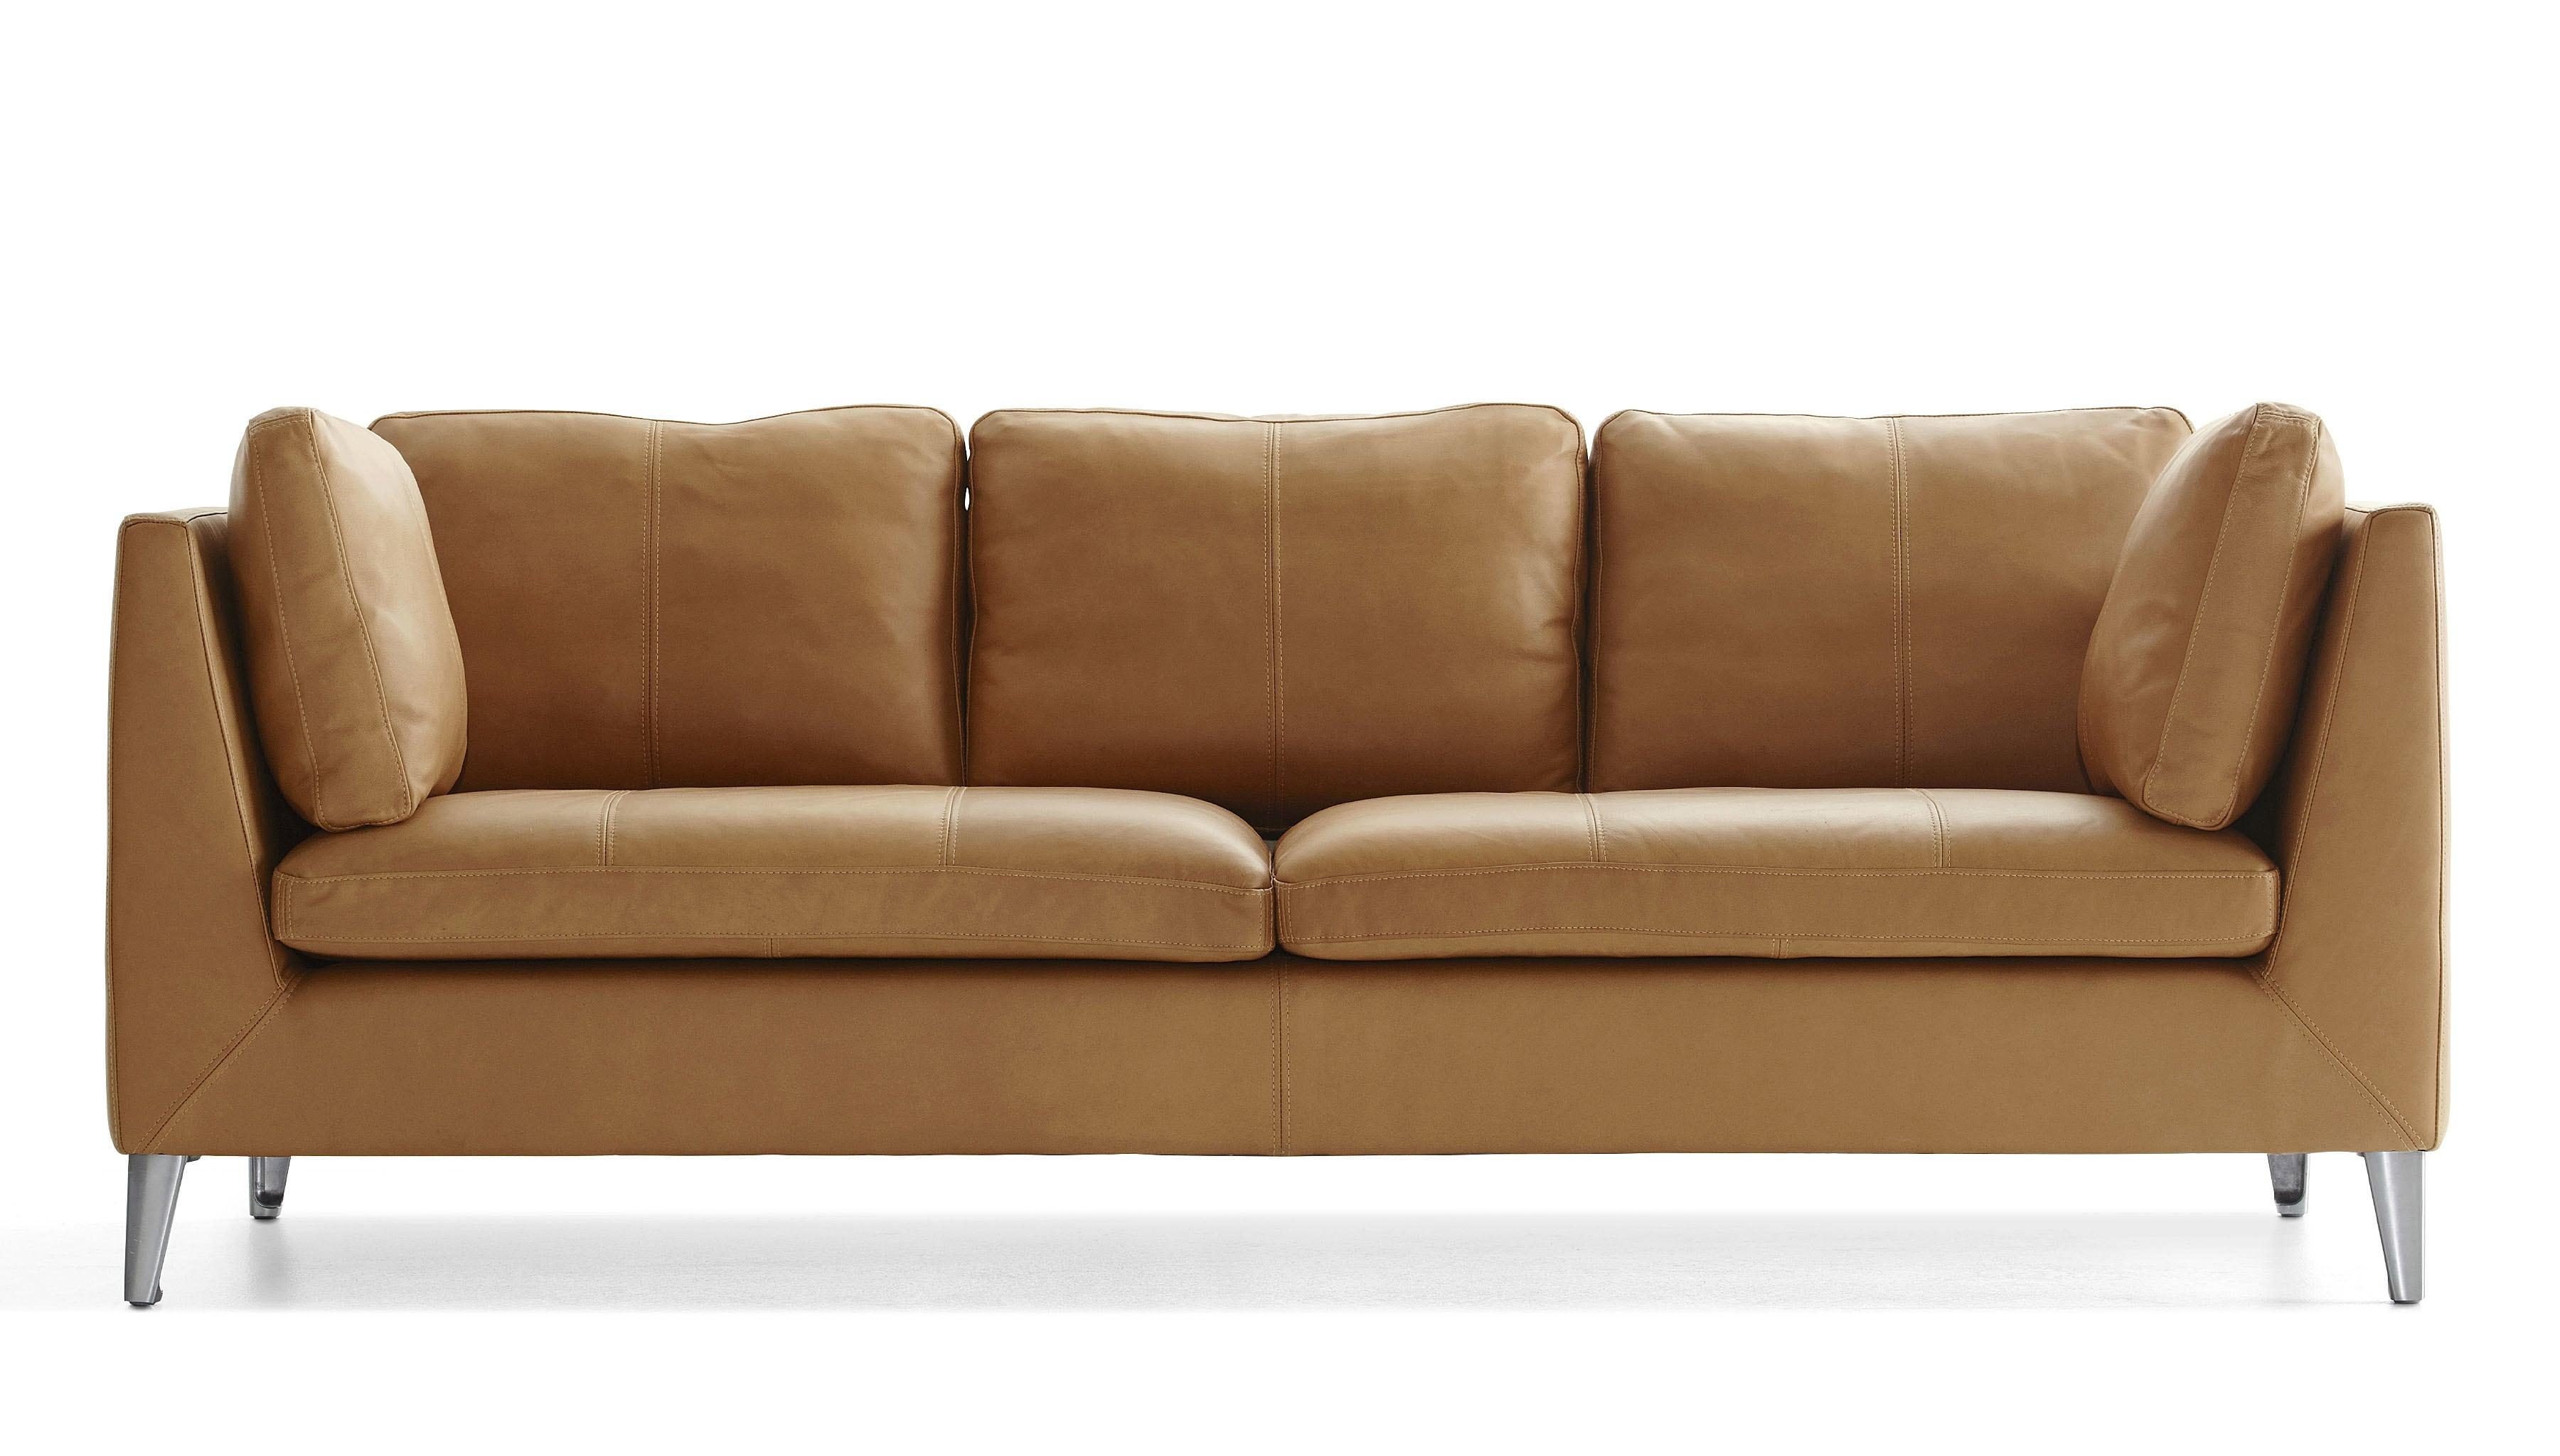 Sofas Y Sillones Ikea Tqd3 sofà S Y Sillones Pra Online Ikea